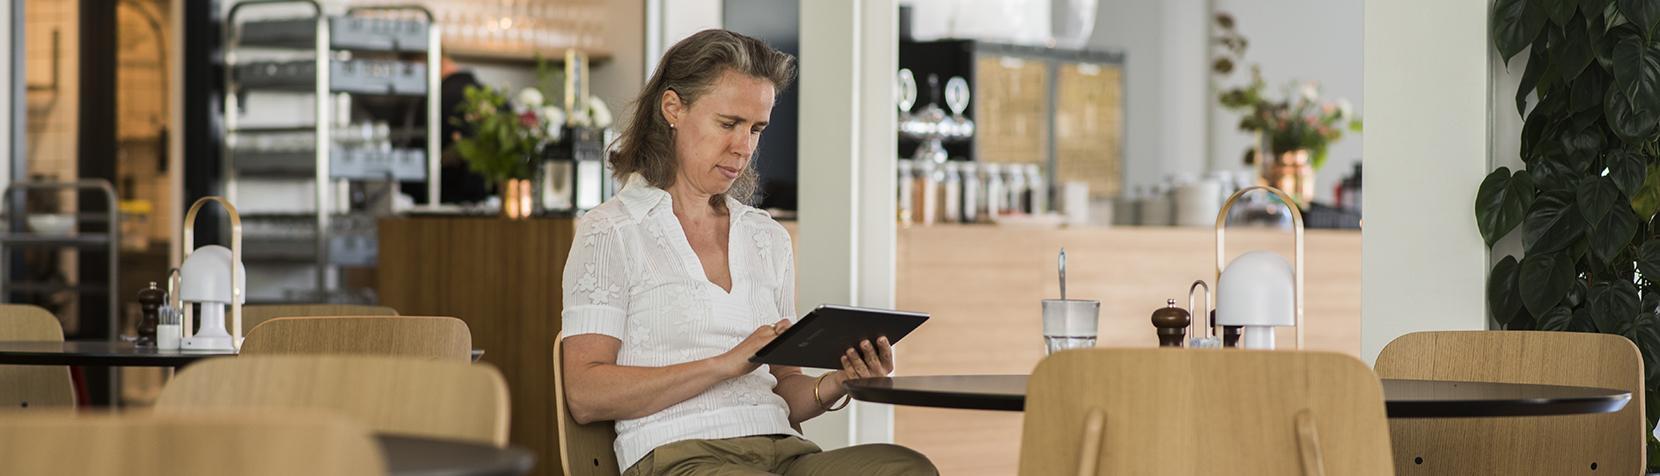 Katrine med iPad i caféen på Mariehøj